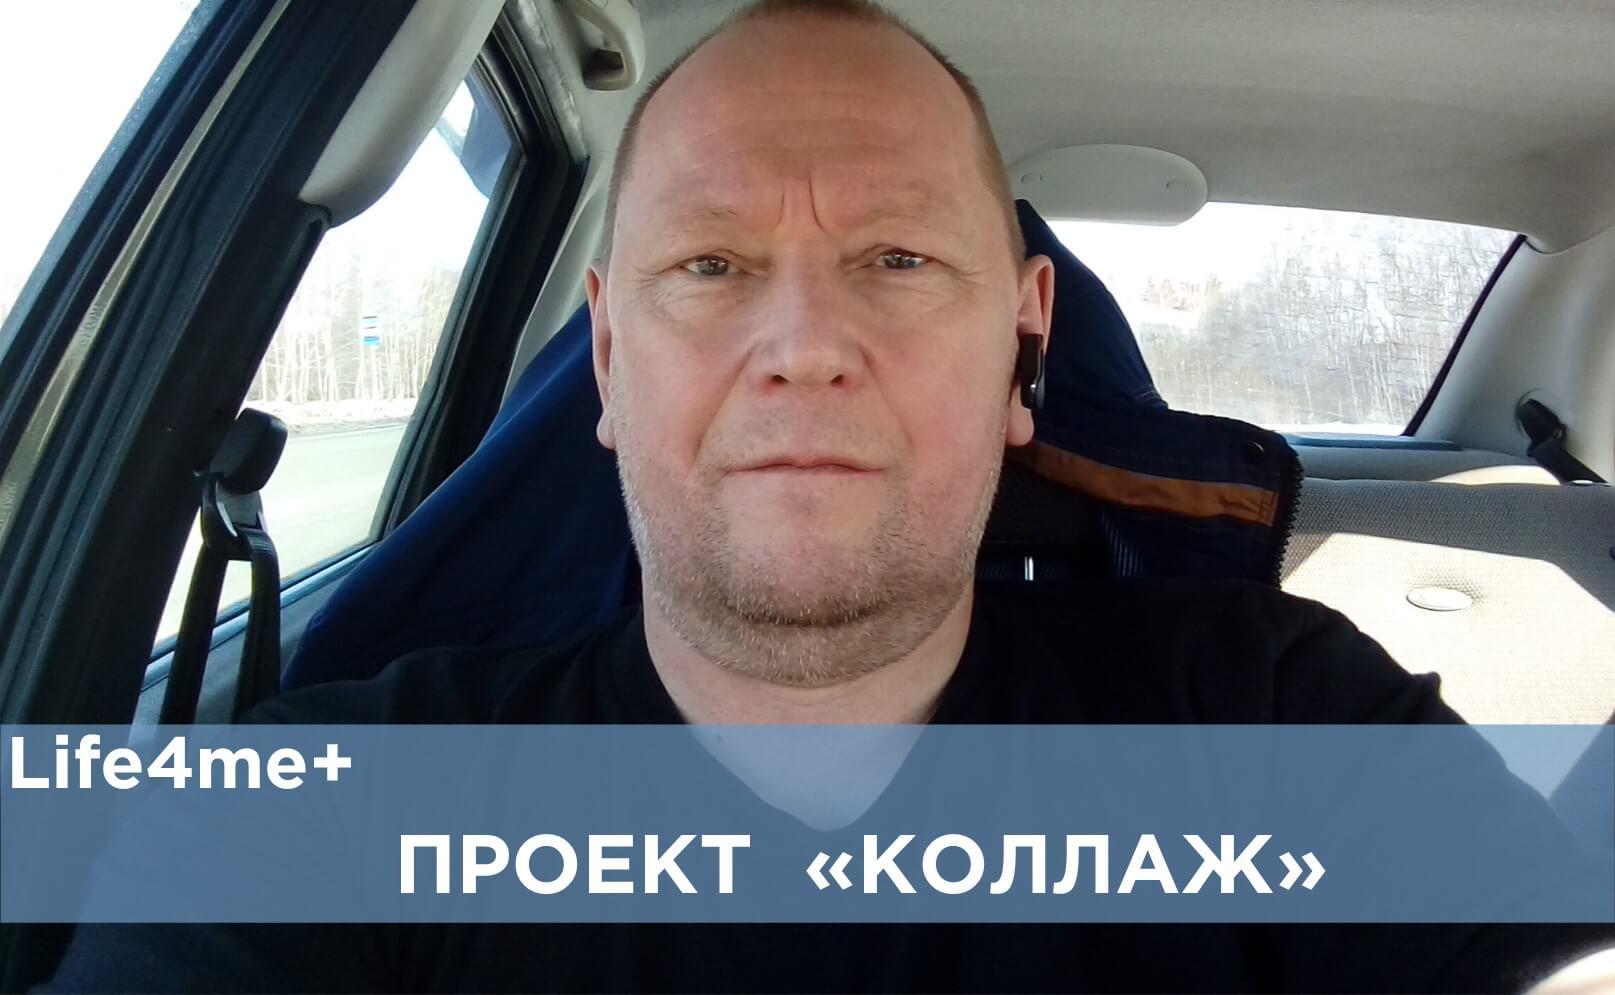 """Коллаж: """"Раскрыл директору свой статус, а он меня уволил"""", - Александр Ездаков"""